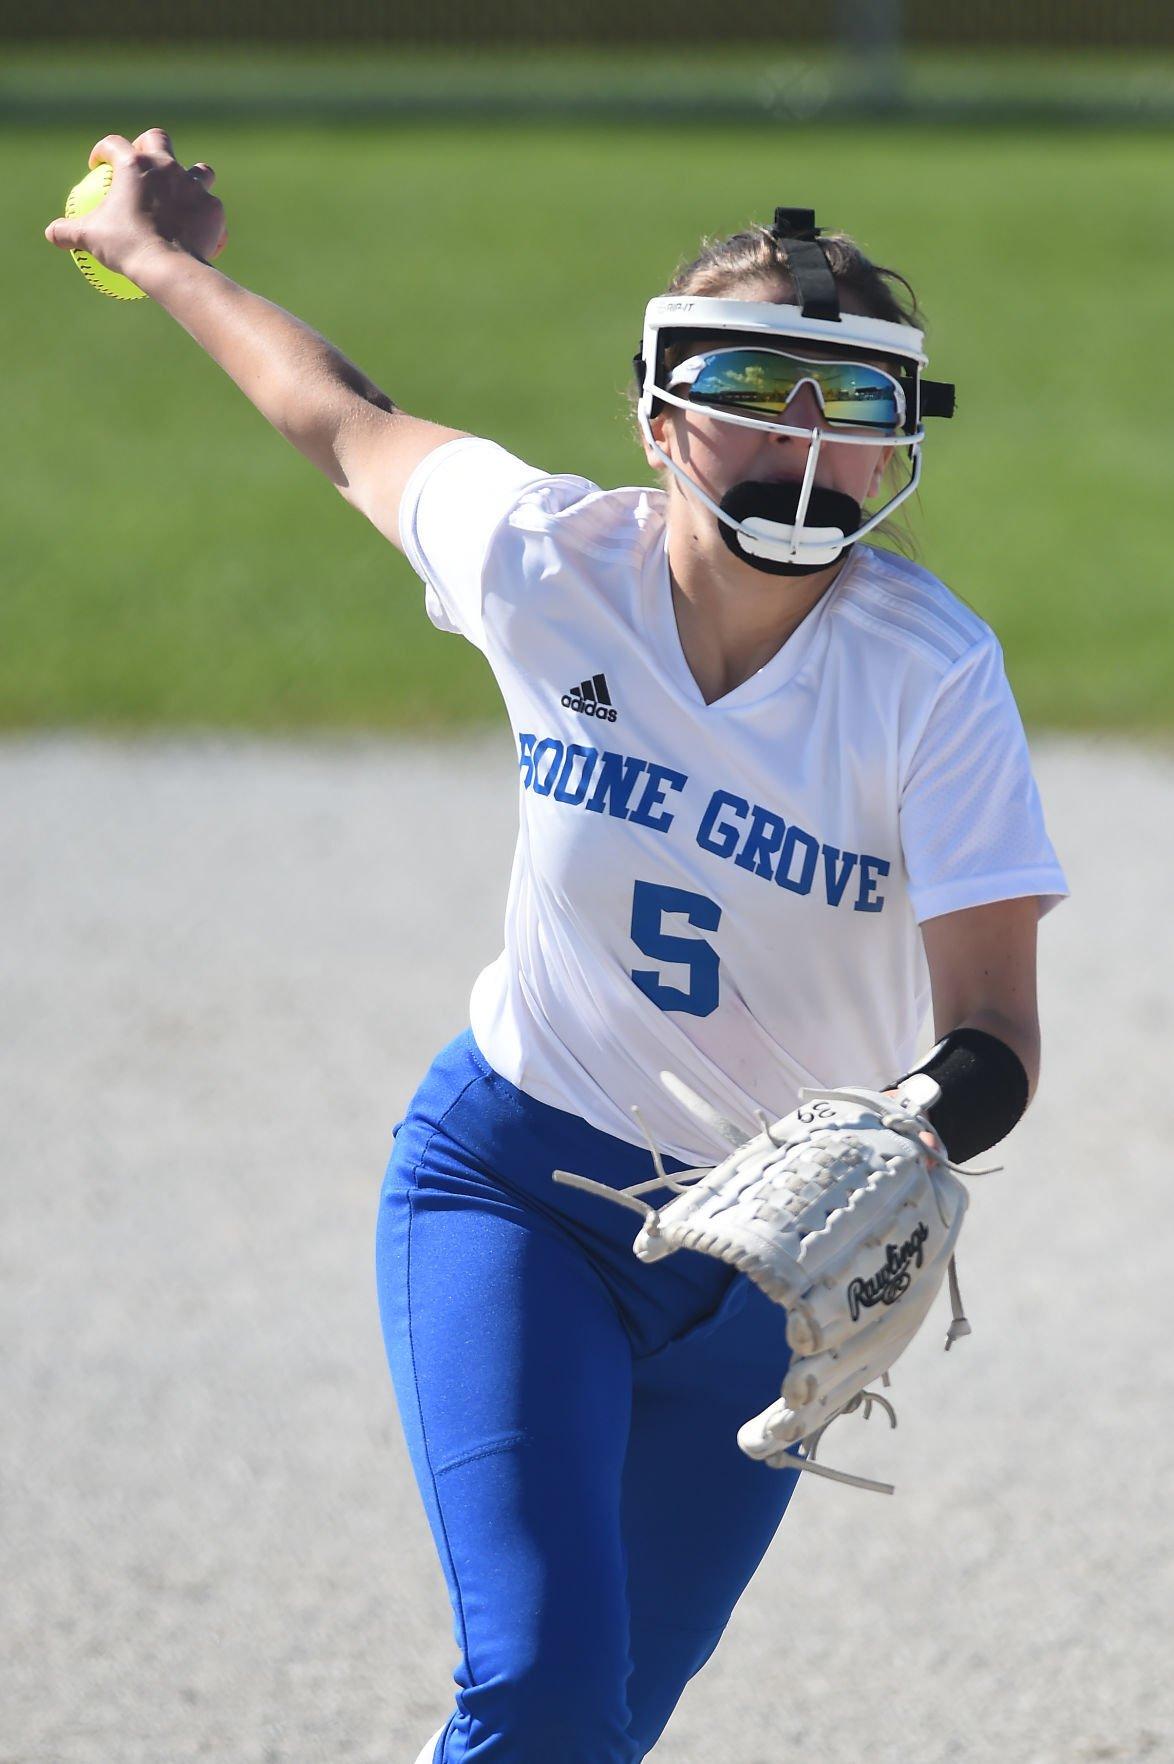 boone grove/crown point softball